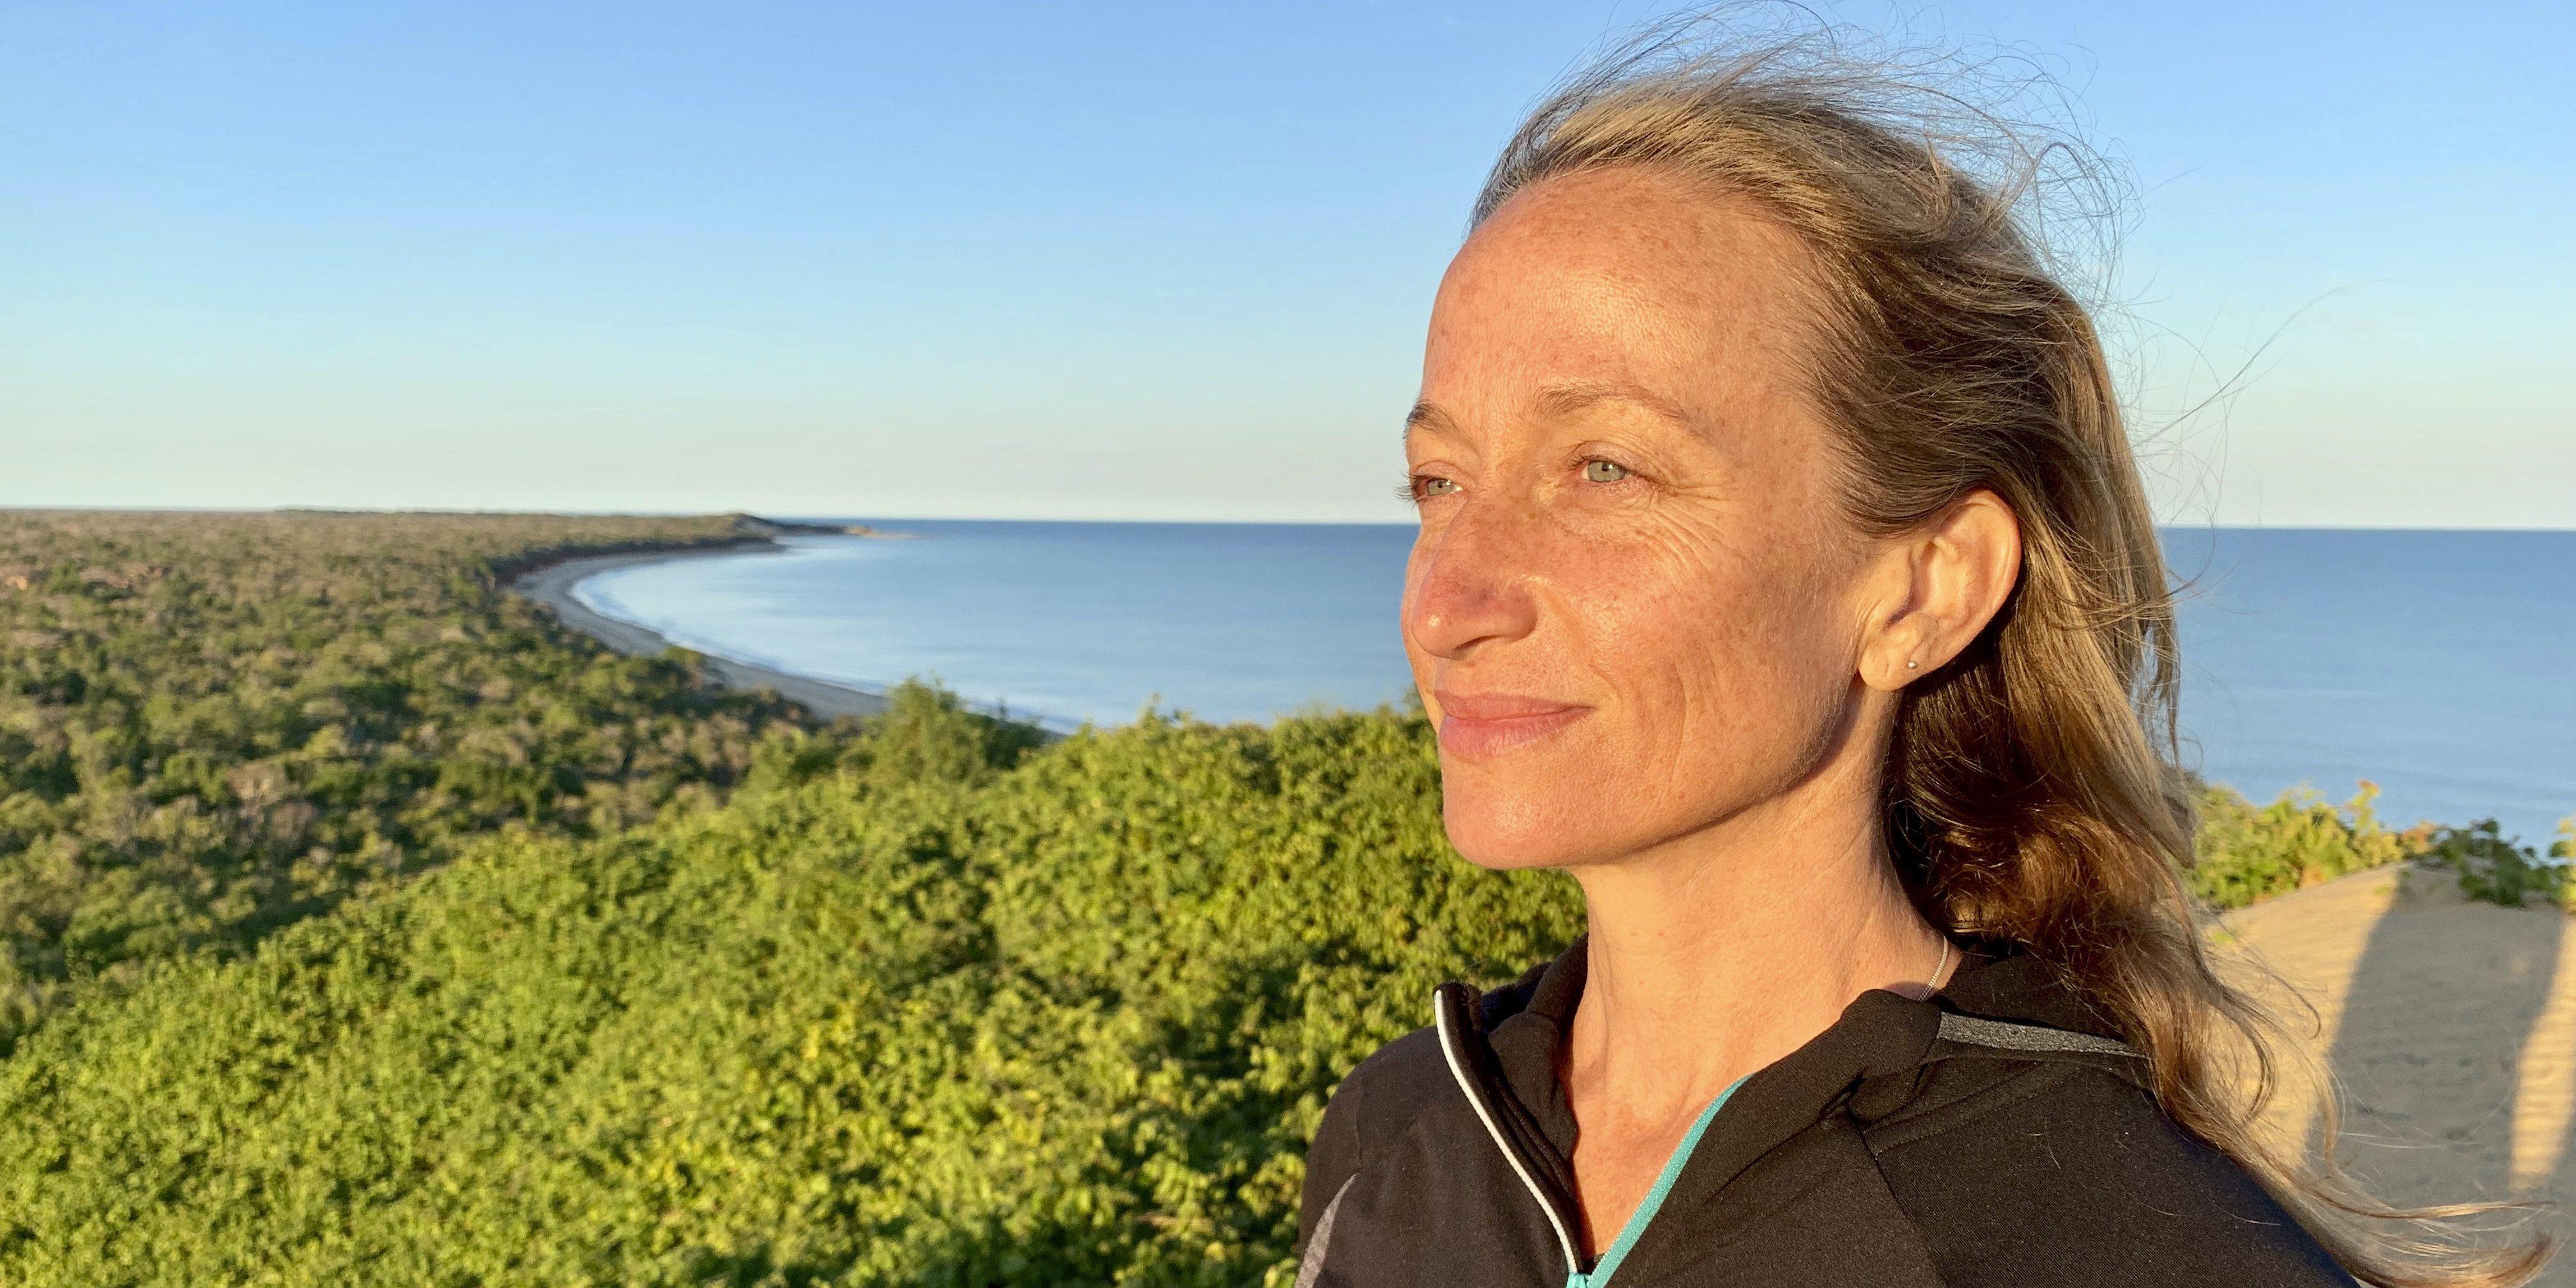 Η κινηματογραφίστρια και ακτιβίστρια Céline Cousteau στέλνει μέσω του ELLE ένα μήνυμα ελπίδας για τον πλανήτη #ELLEGreen Days Η συνιδρύτρια του Javari Project, συγγραφέας του βιβλίου «Le Monde Apres Mon Grand-Pere» ( O Κόσμος Μετά Τον Παππού Μου) και εγγονή του εξερευνητή Jacques-Yves Cousteau, εργάζεται με τον οργανισμό Forest Trends και μιλά για την δέσμευση της απέναντι στη βιοποικιλότητα και τους φύλακες του Αμαζονίου.